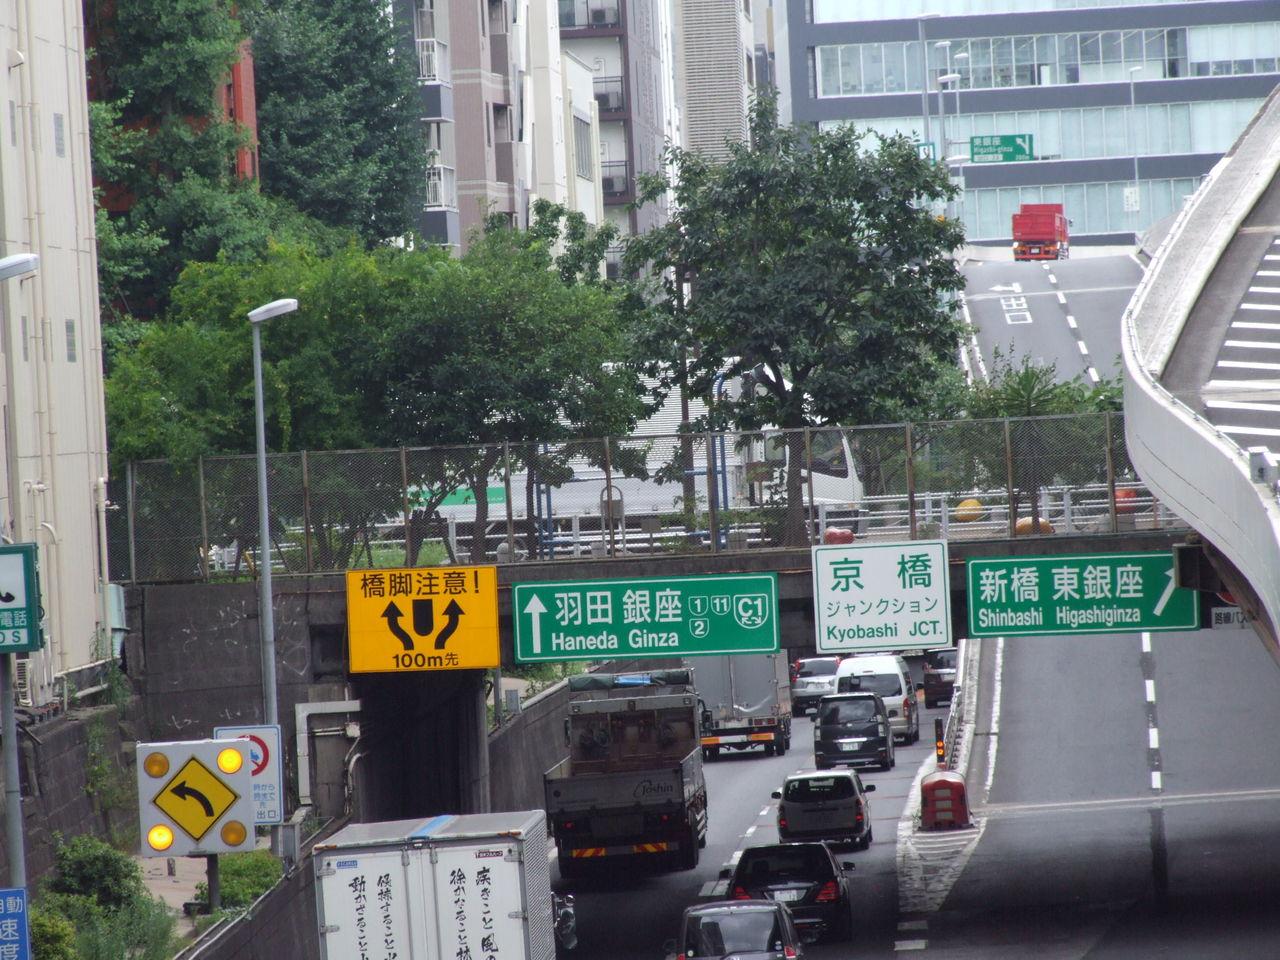 50年ひと昔_東京の橋と川_日本橋、京橋、築地を中心に